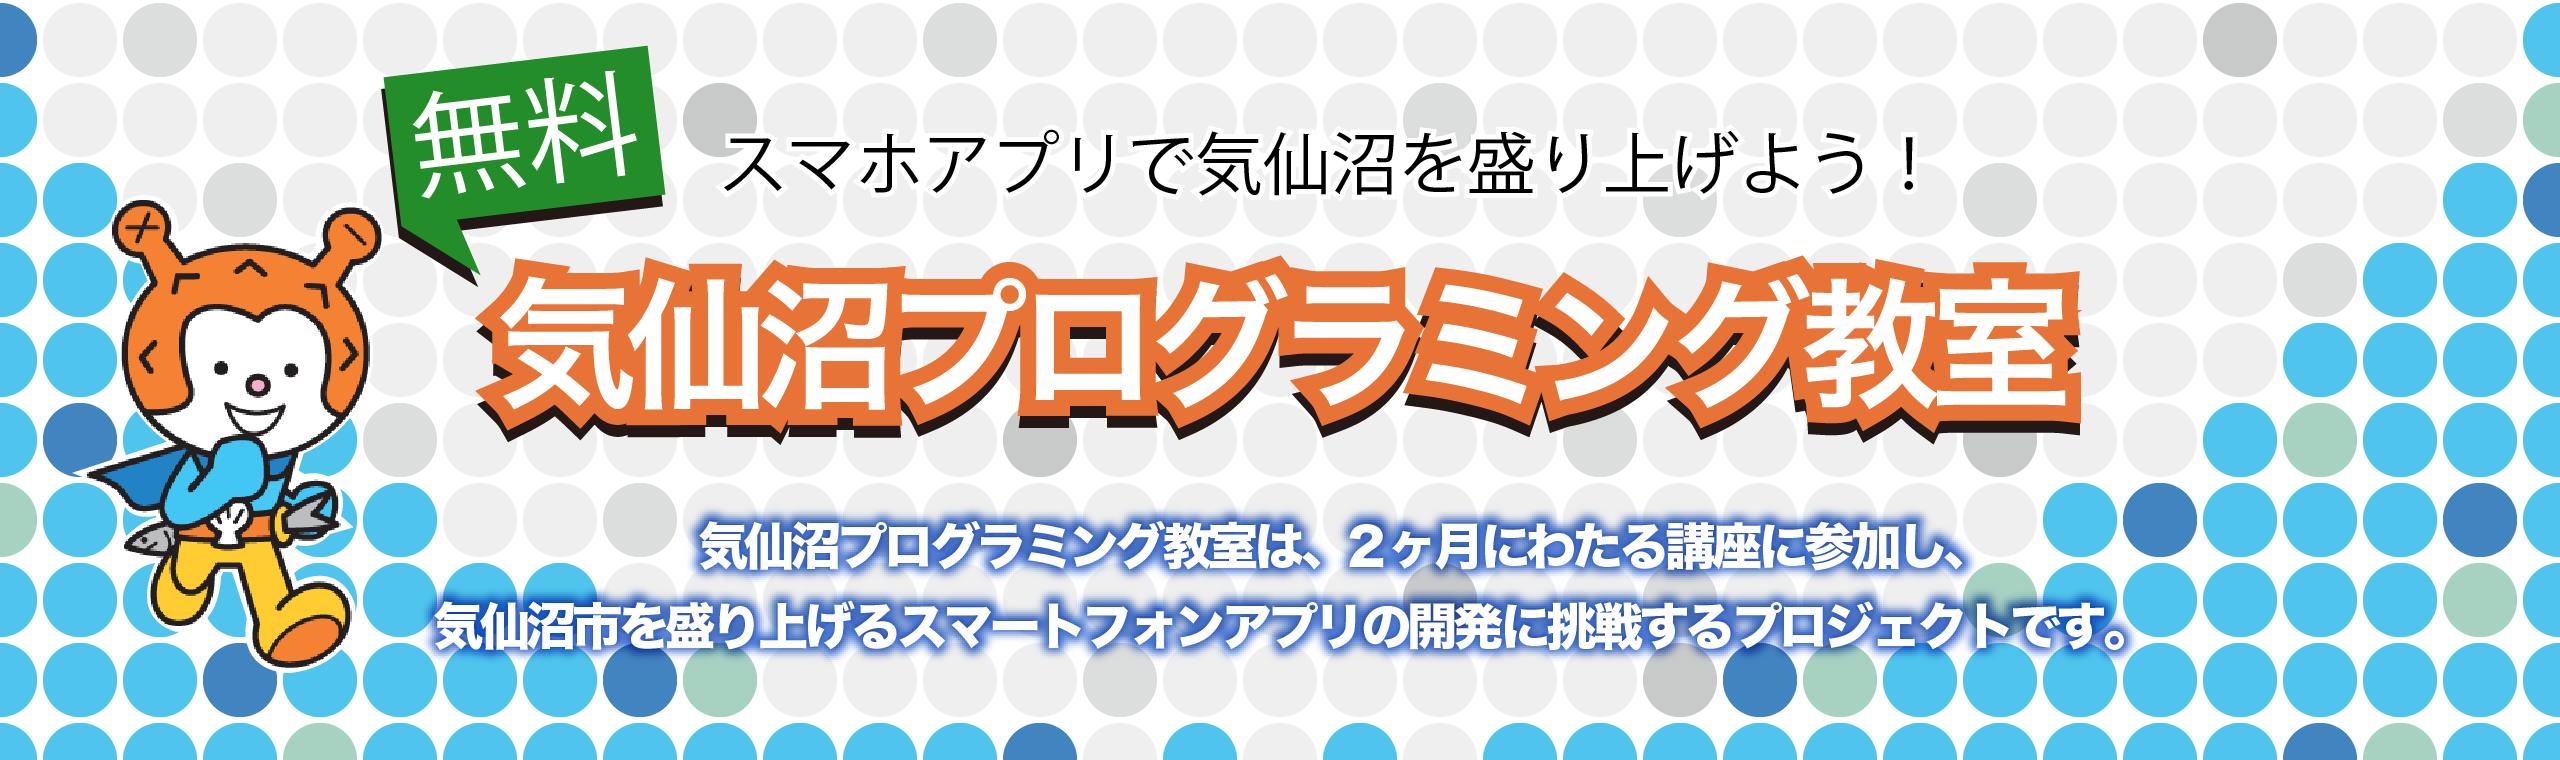 気仙沼市が主催する「気仙沼プログラミング教室」にて講師を担当いたします。